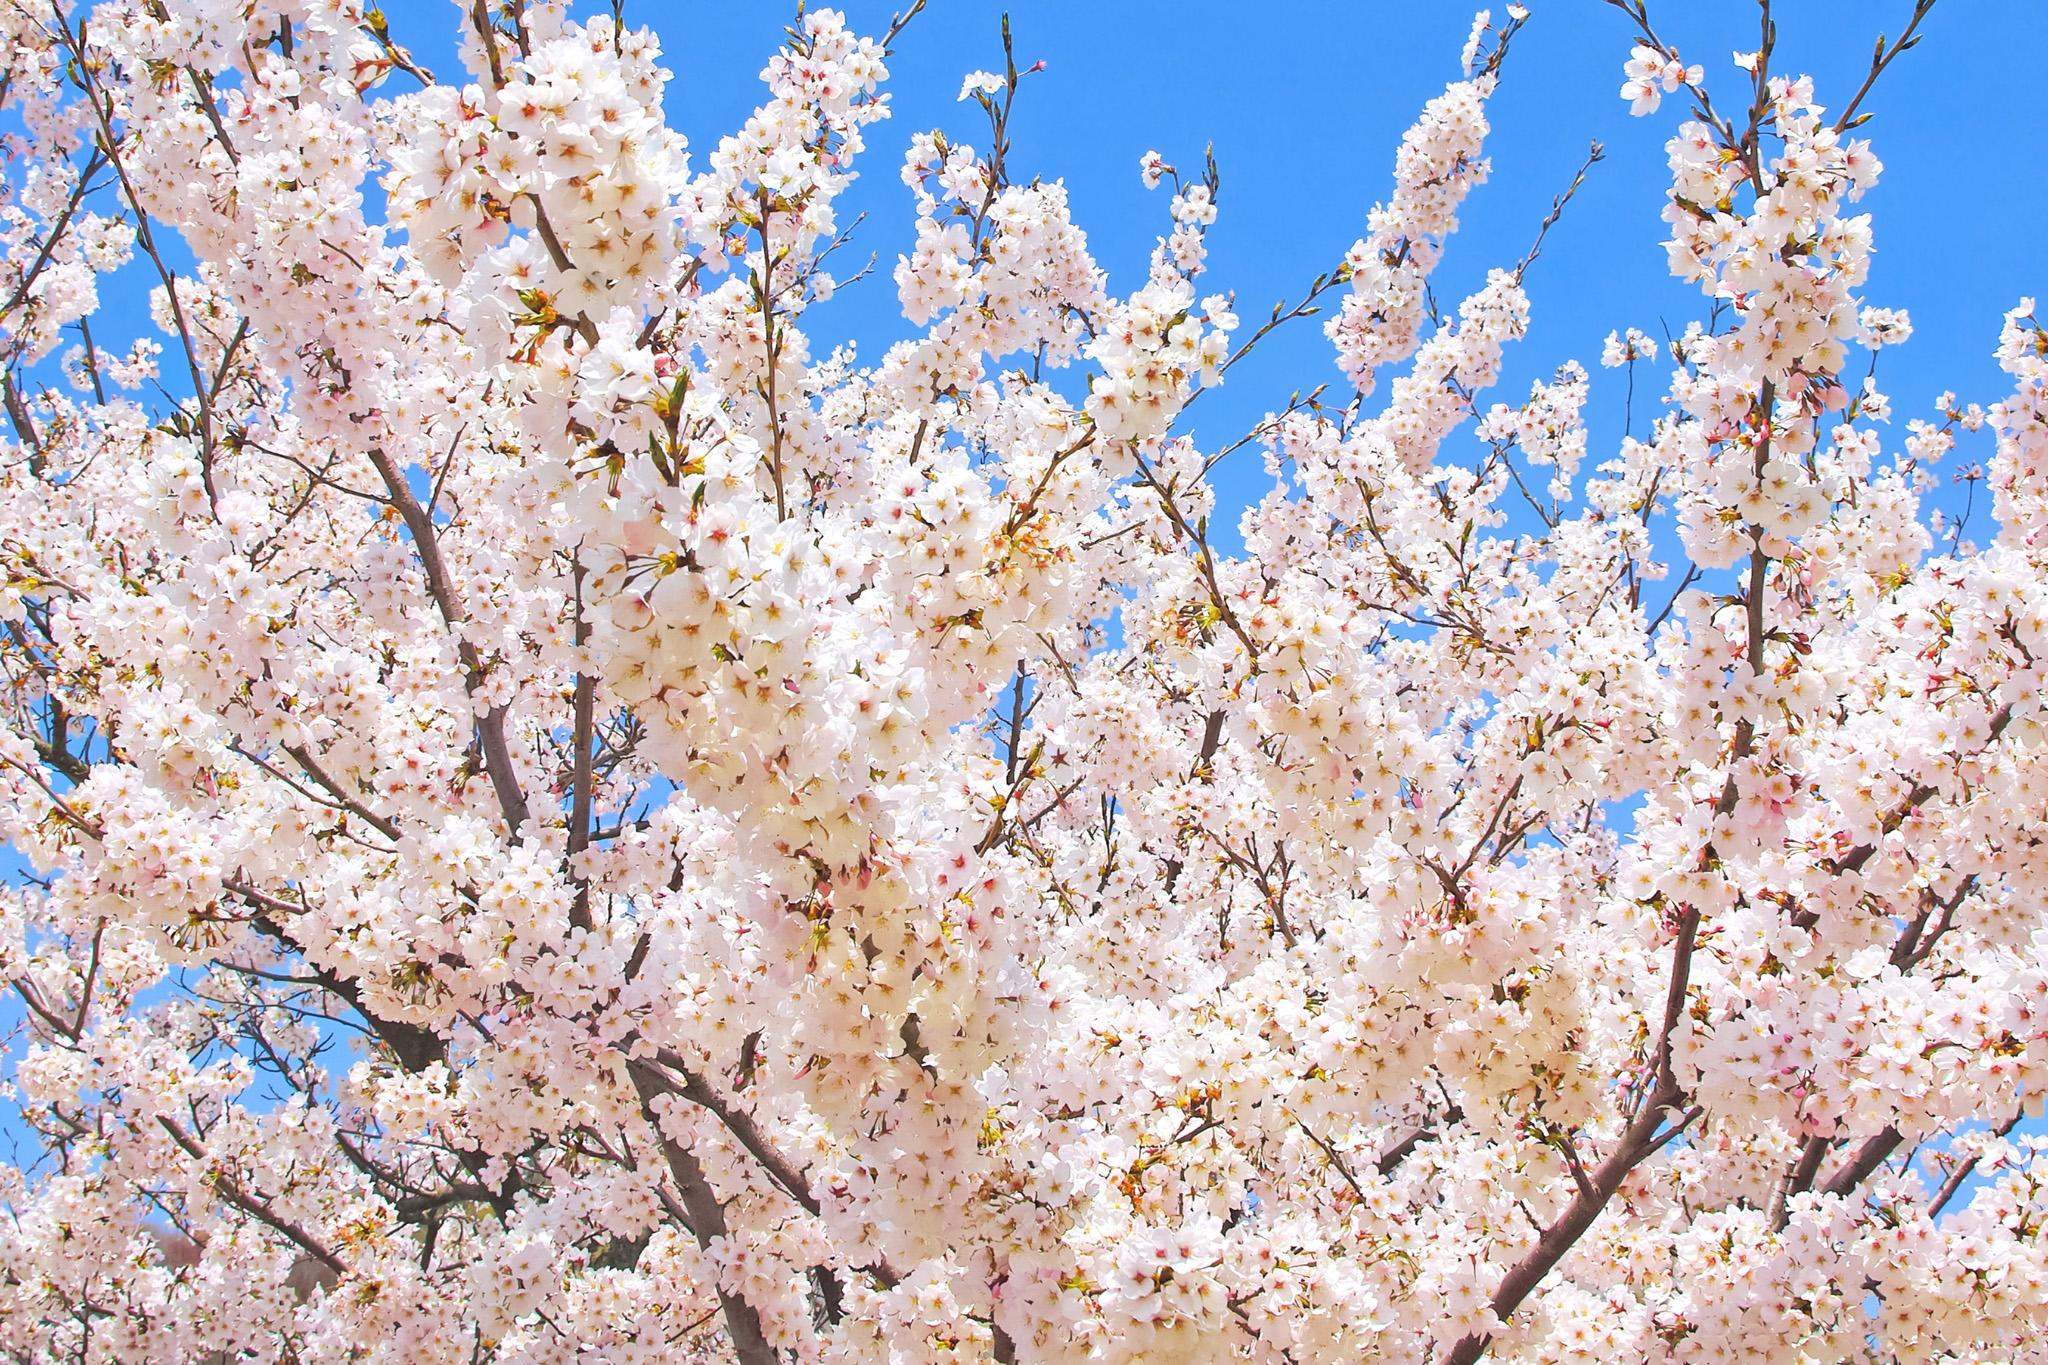 「白い花と蕾のある染井吉野」